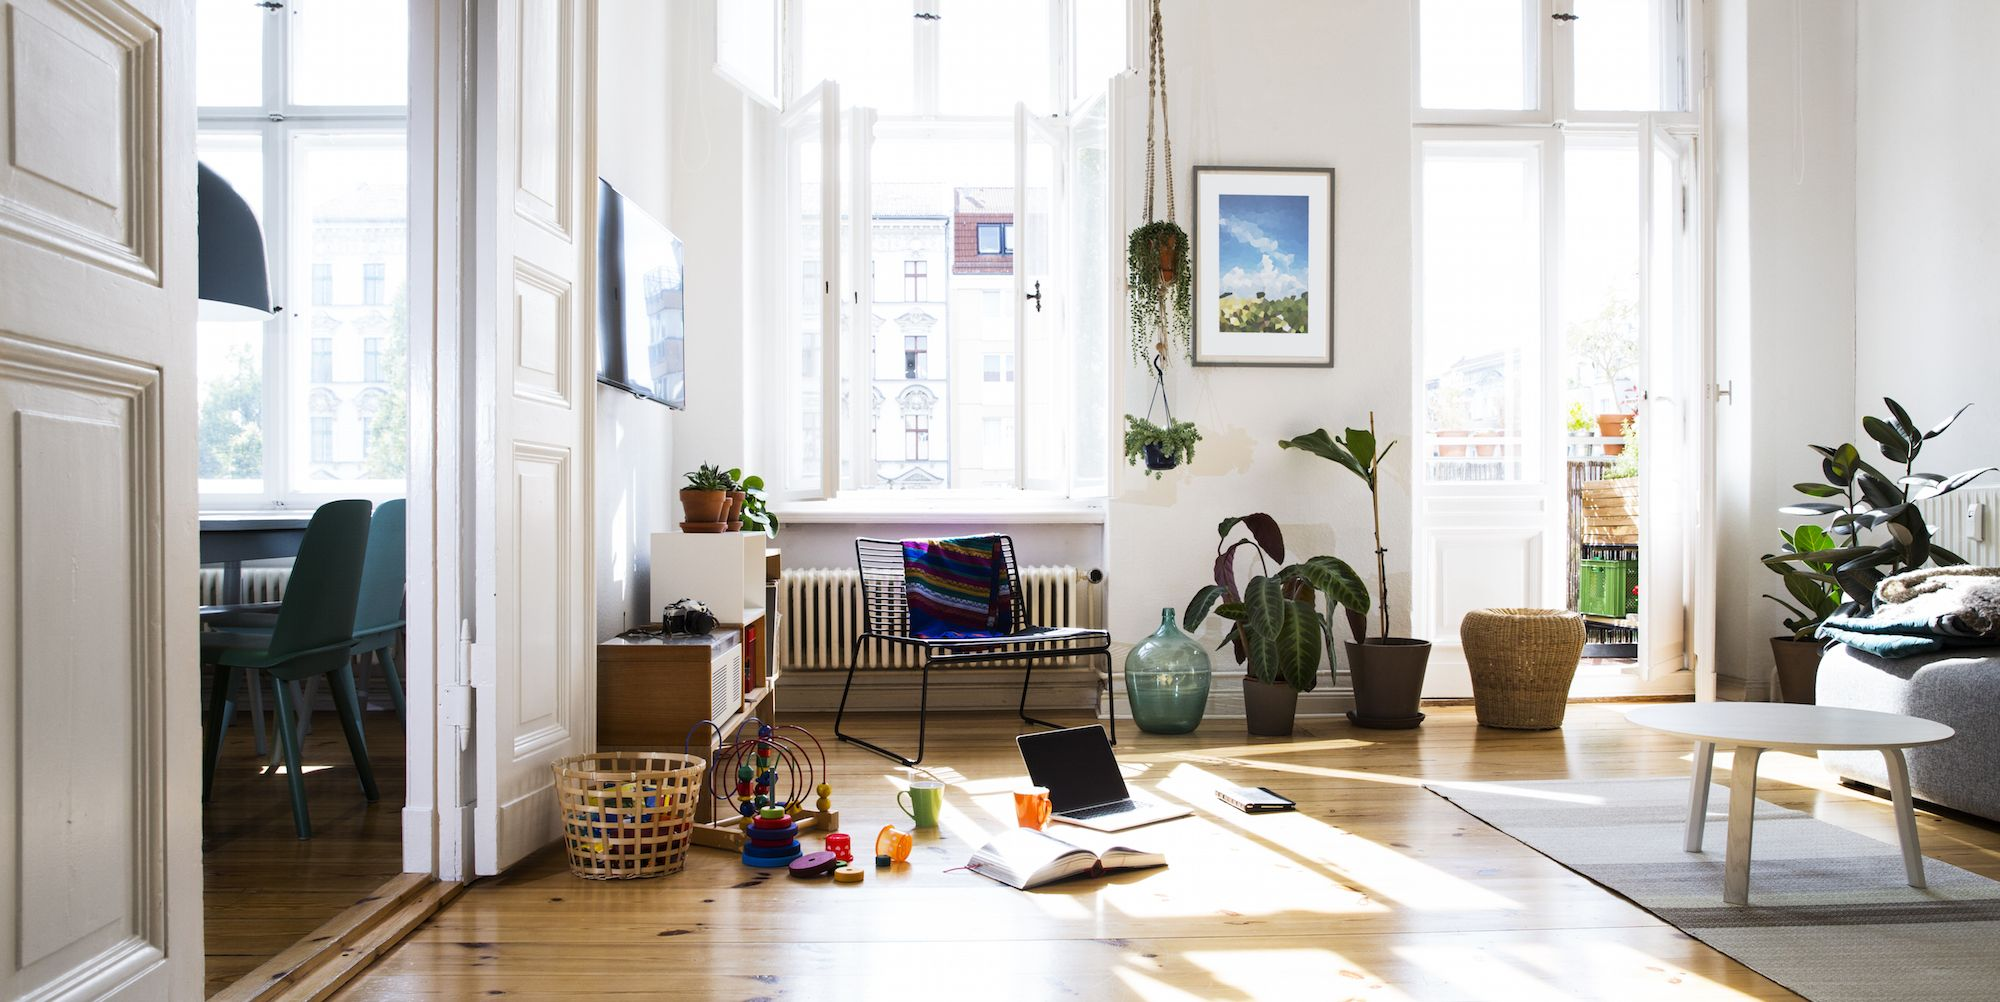 Living room family